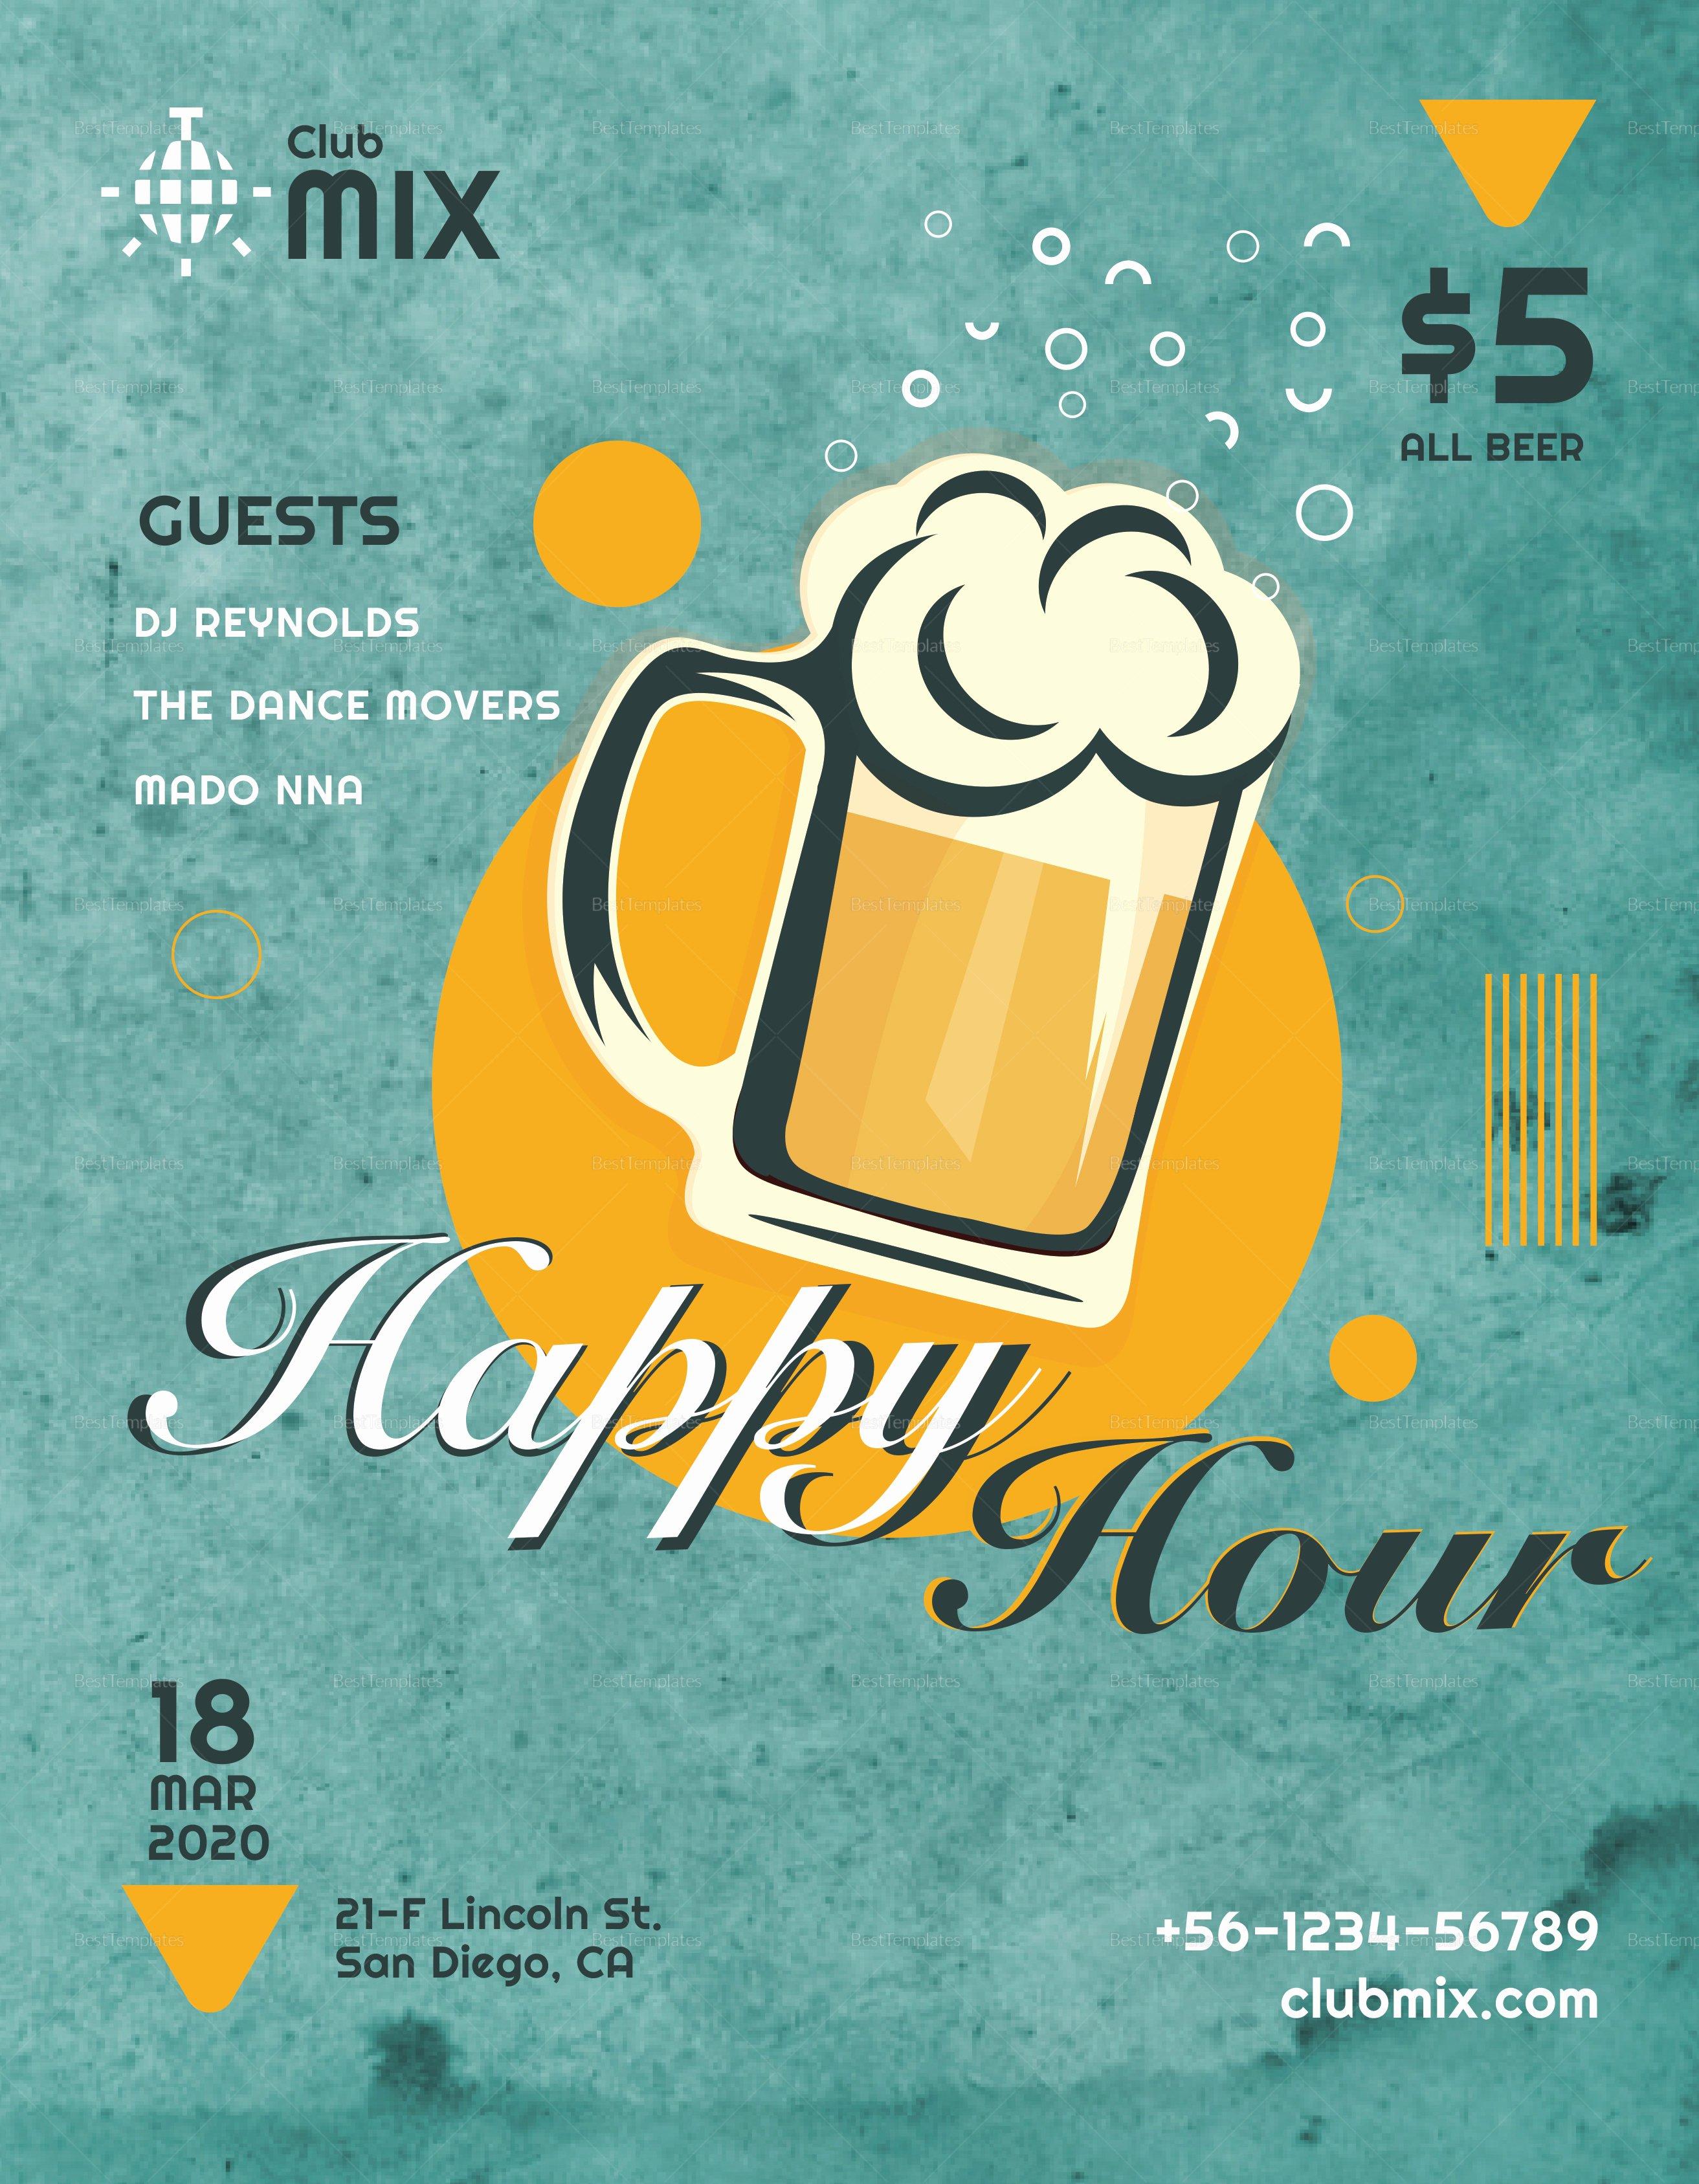 Happy Hour Flyer Template Free Elegant Vintage Happy Hour Flyer Design Template In Psd Word Publisher Illustrator Indesign